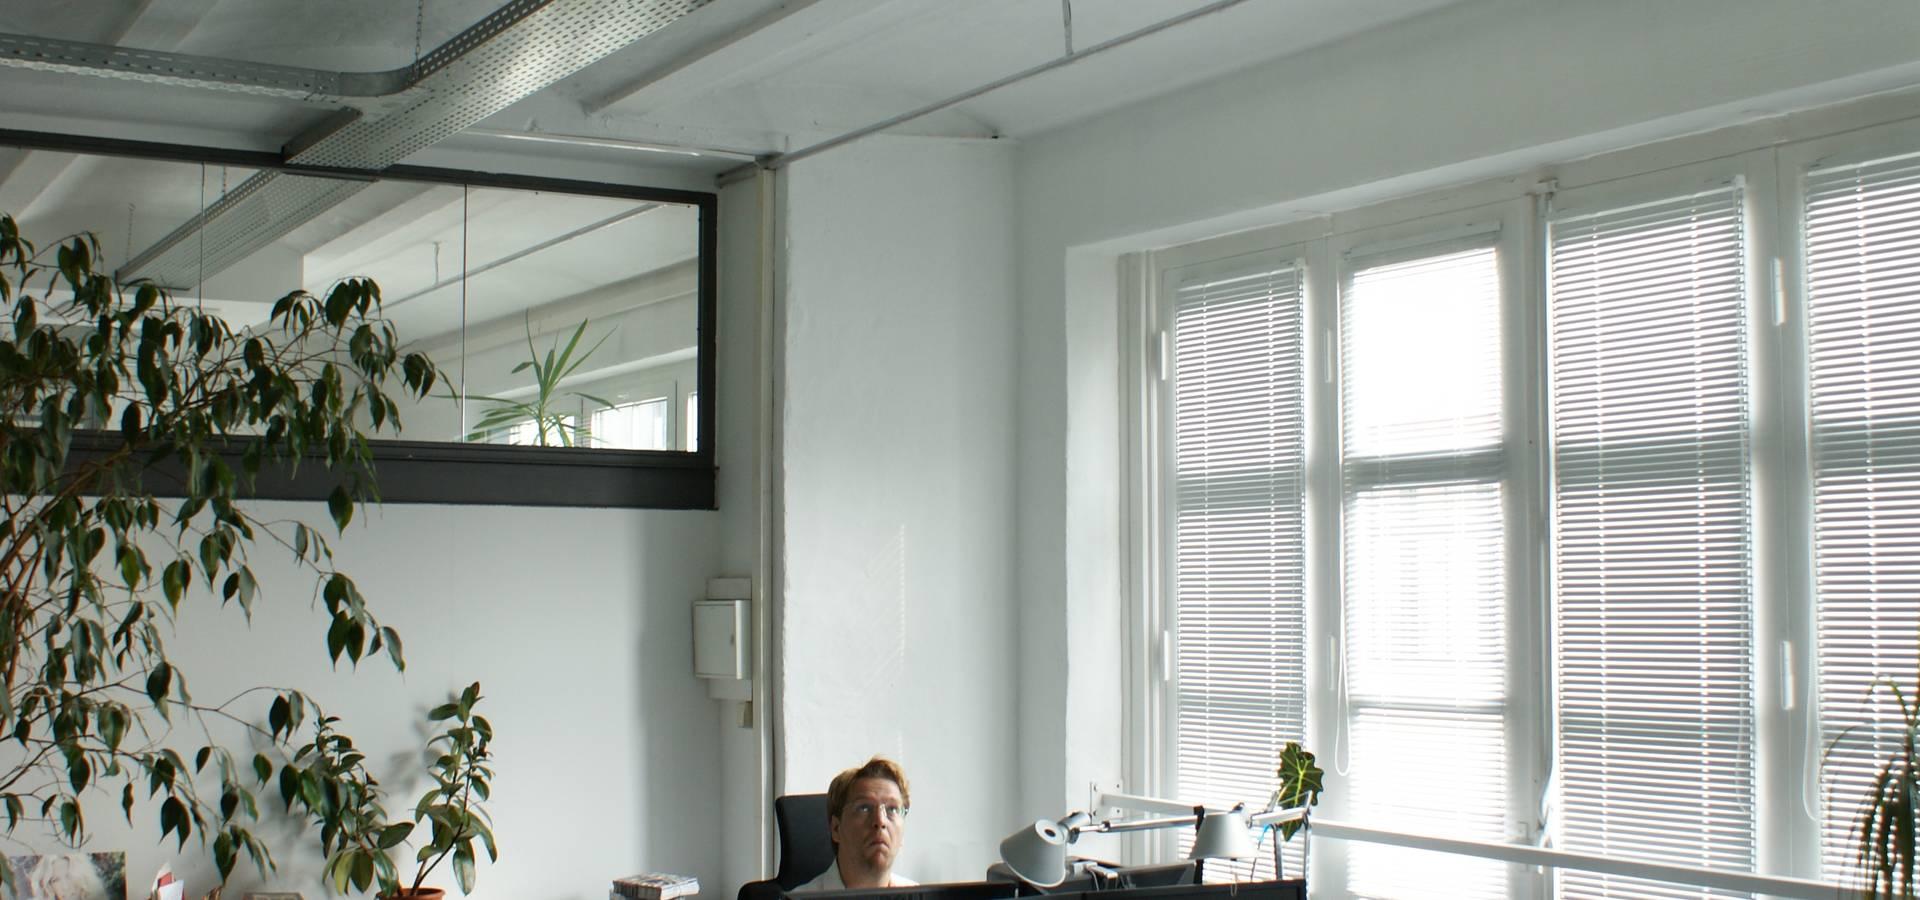 equadr.at GmbH